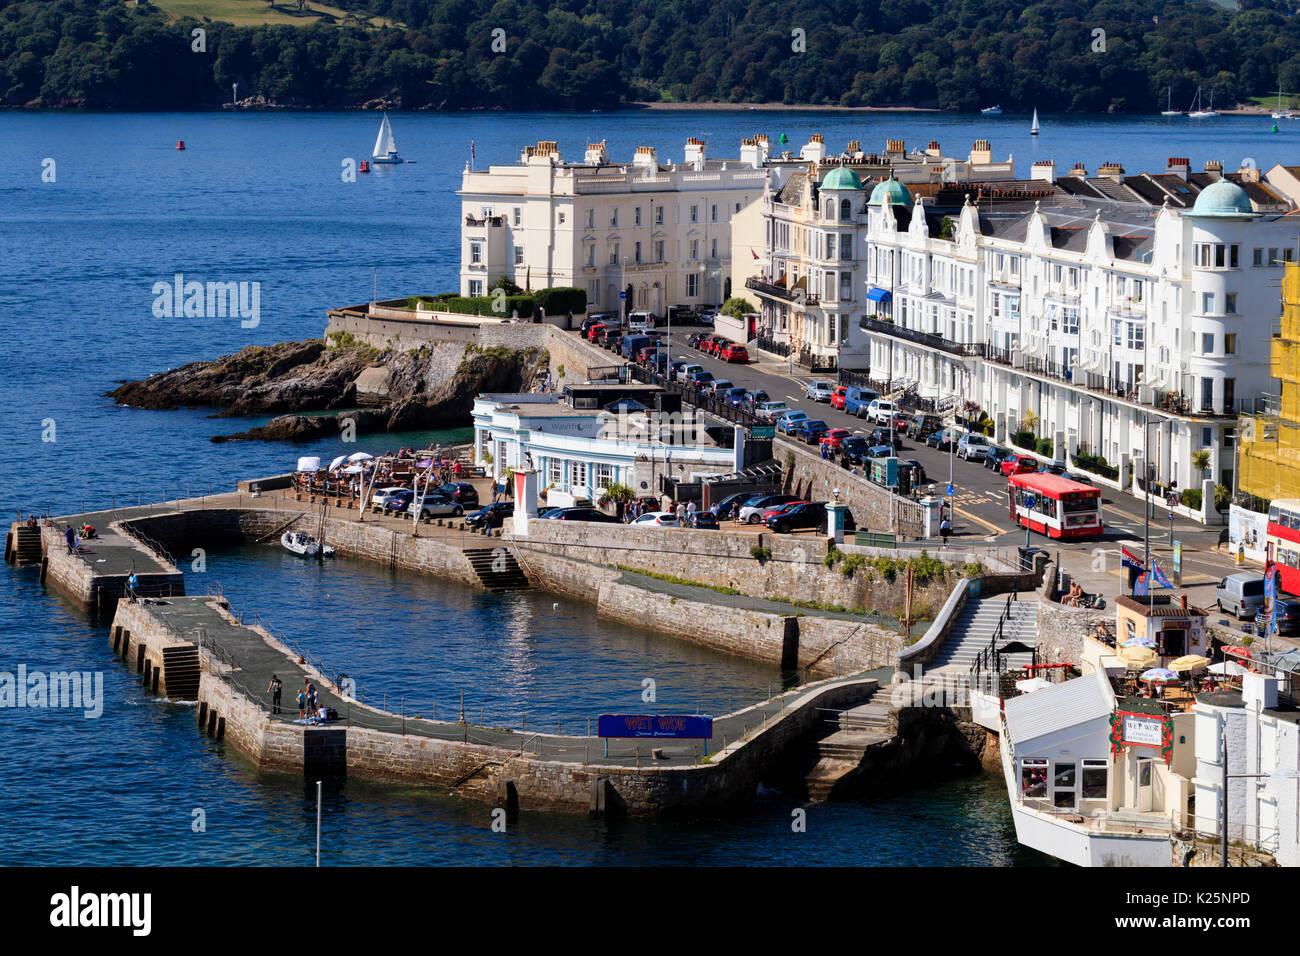 Wohnimmobilien, Waterfront Restaurant und die 1880 Hafen an der West Hoe, Plymouth, Devon, Großbritannien Stockbild